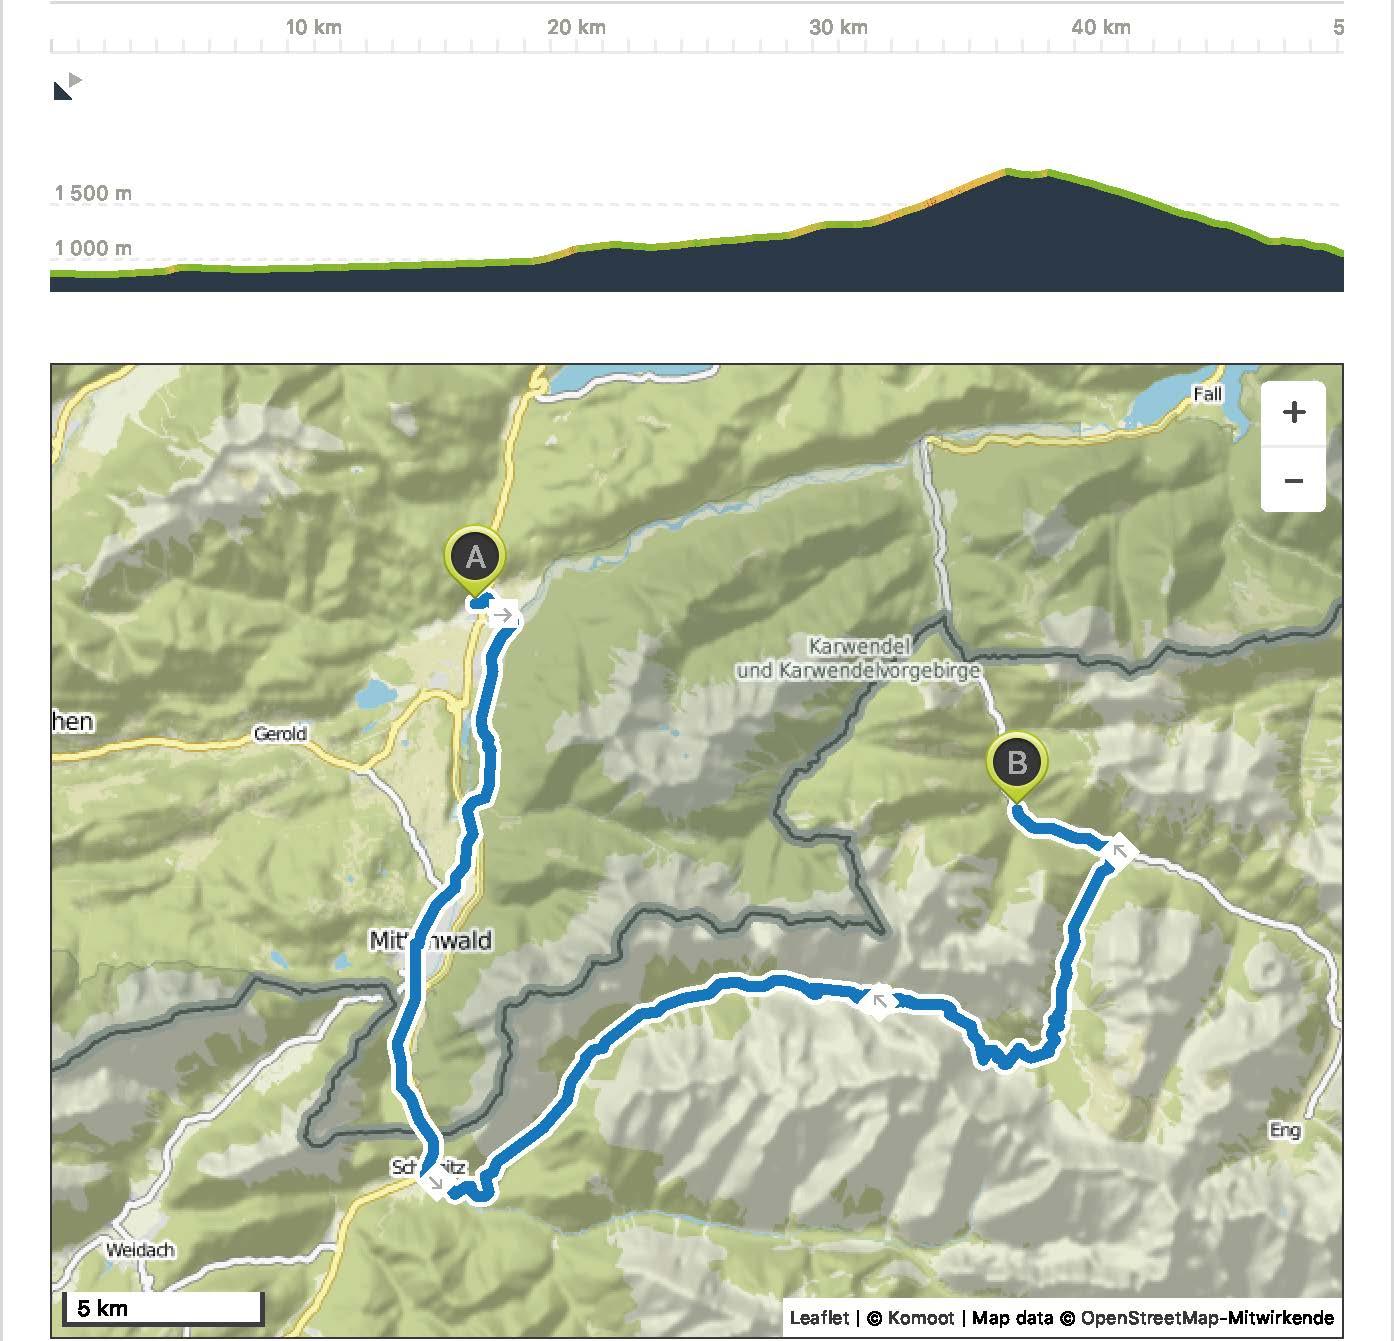 FC3-54-1191-1117 _ Mountainbike-Tour _ Komoot